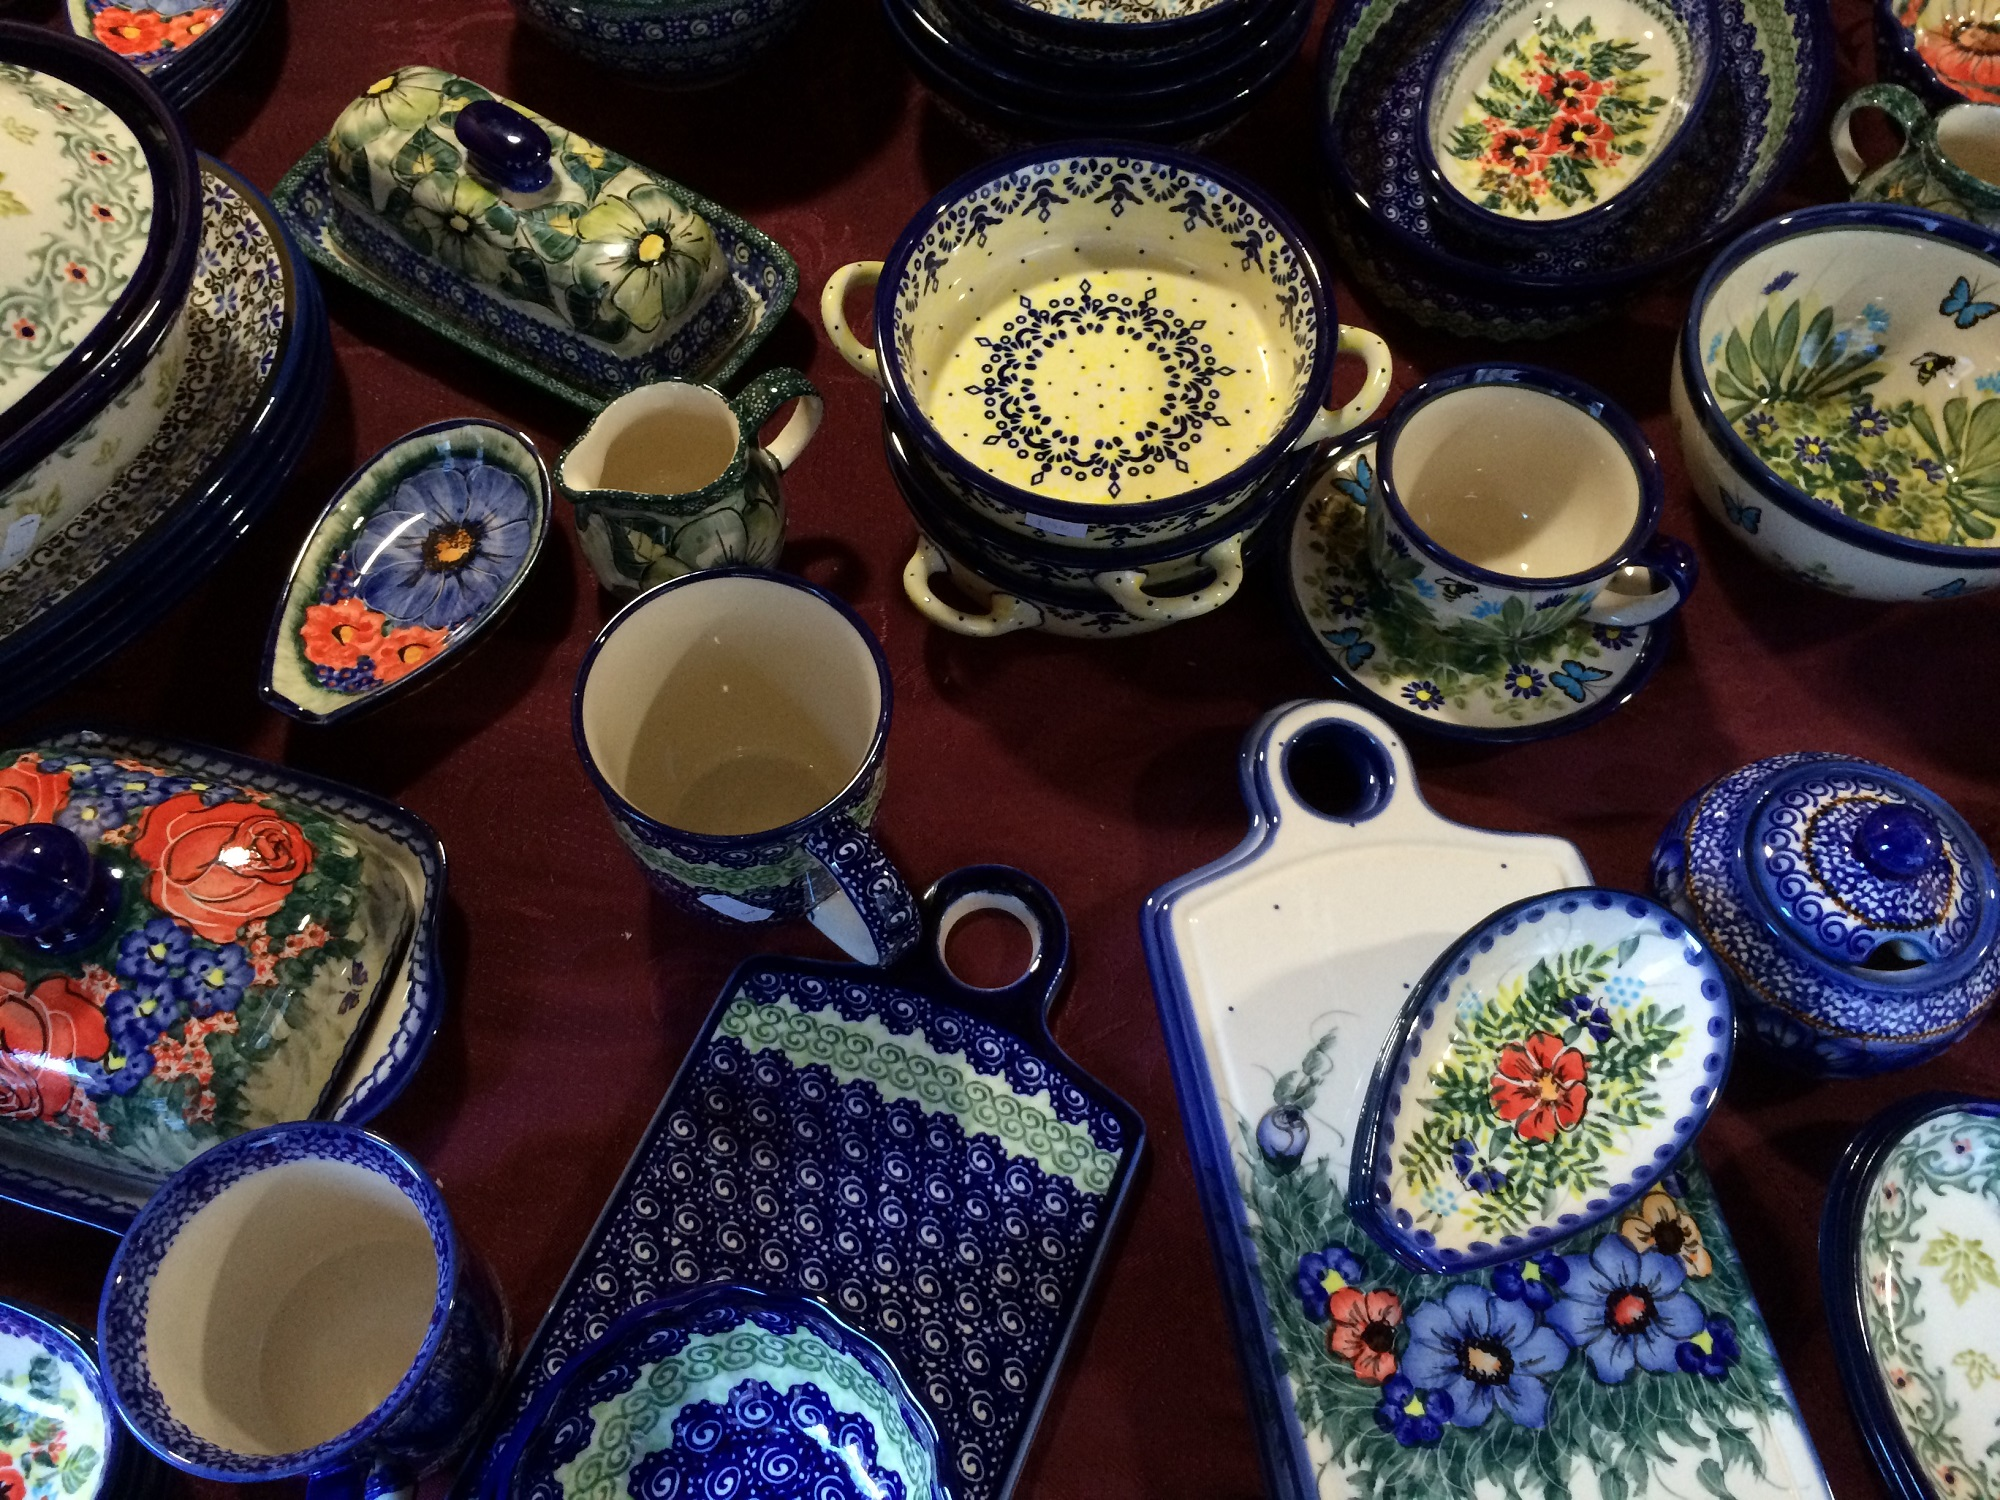 Pottery at Polish Handcrafts | © Benita Gingerella